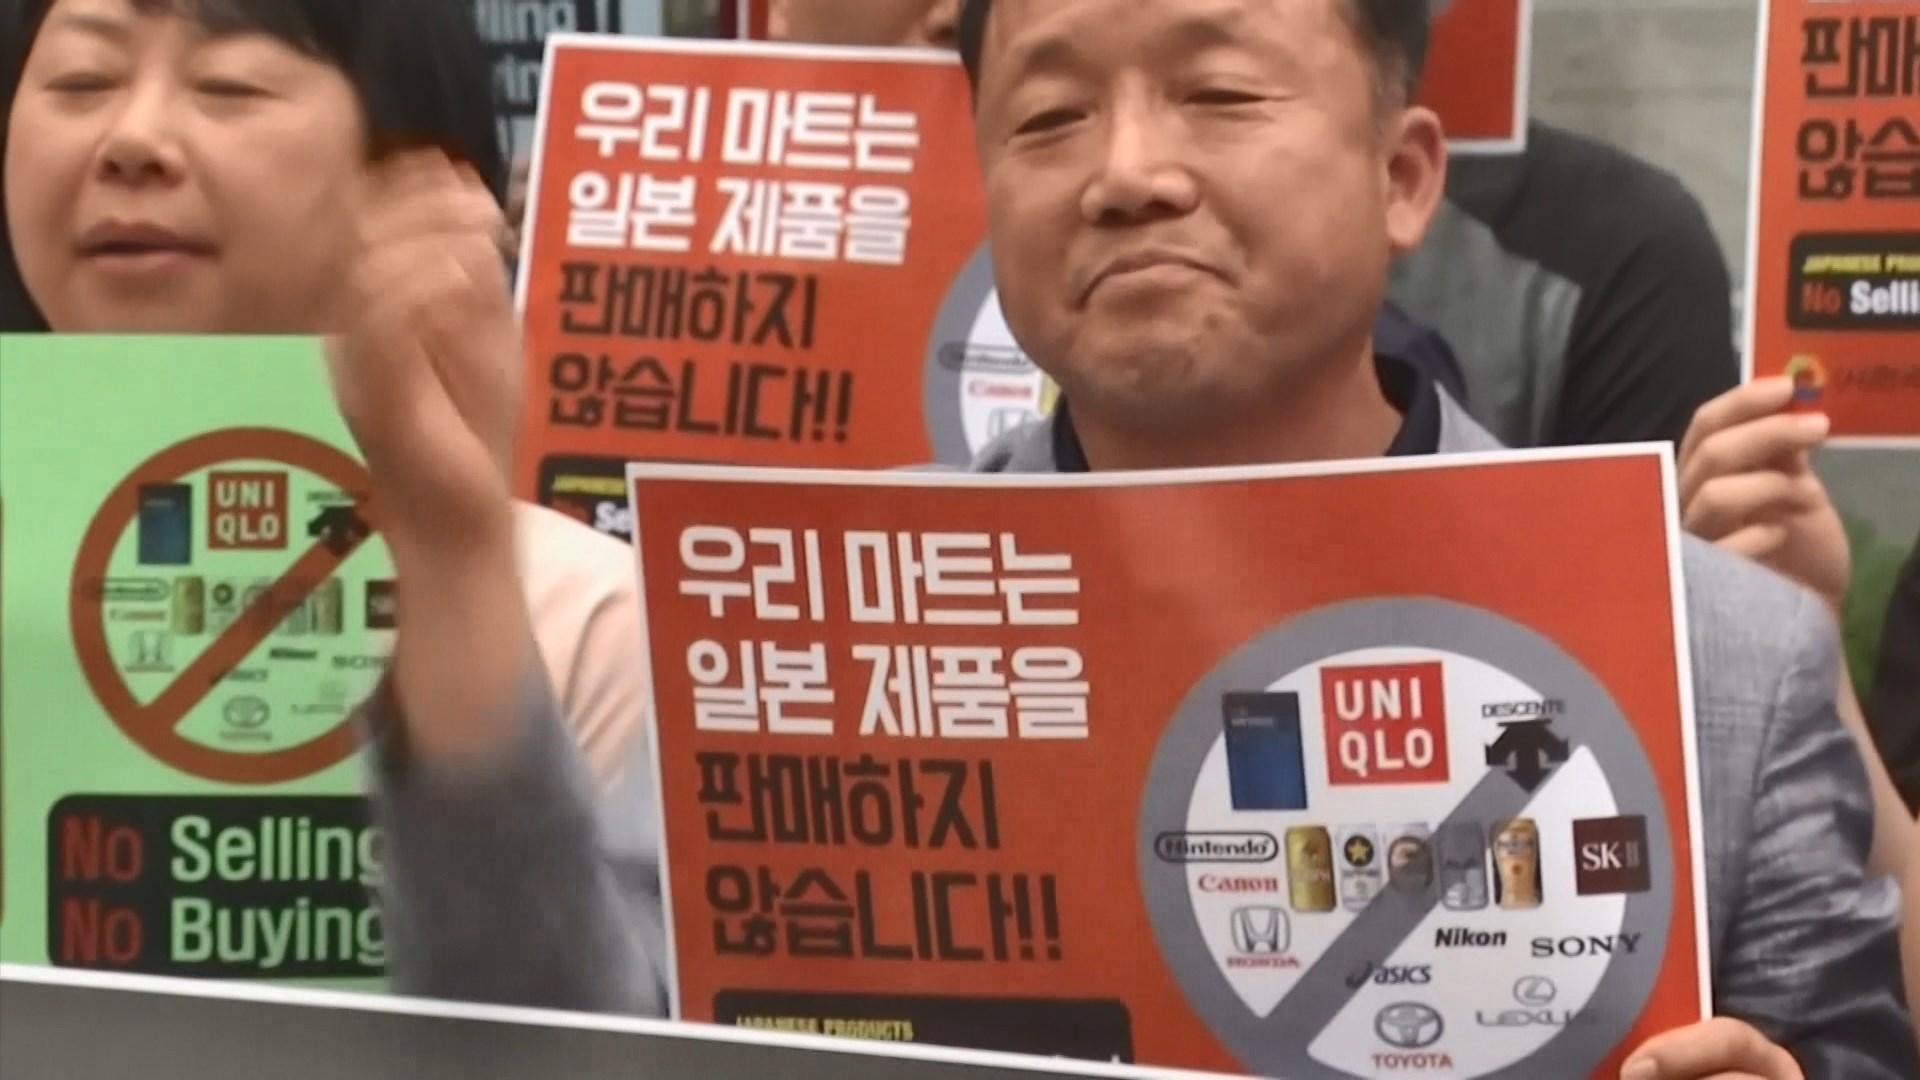 南韓企業發起罷買日貨抗議限制原材料出口